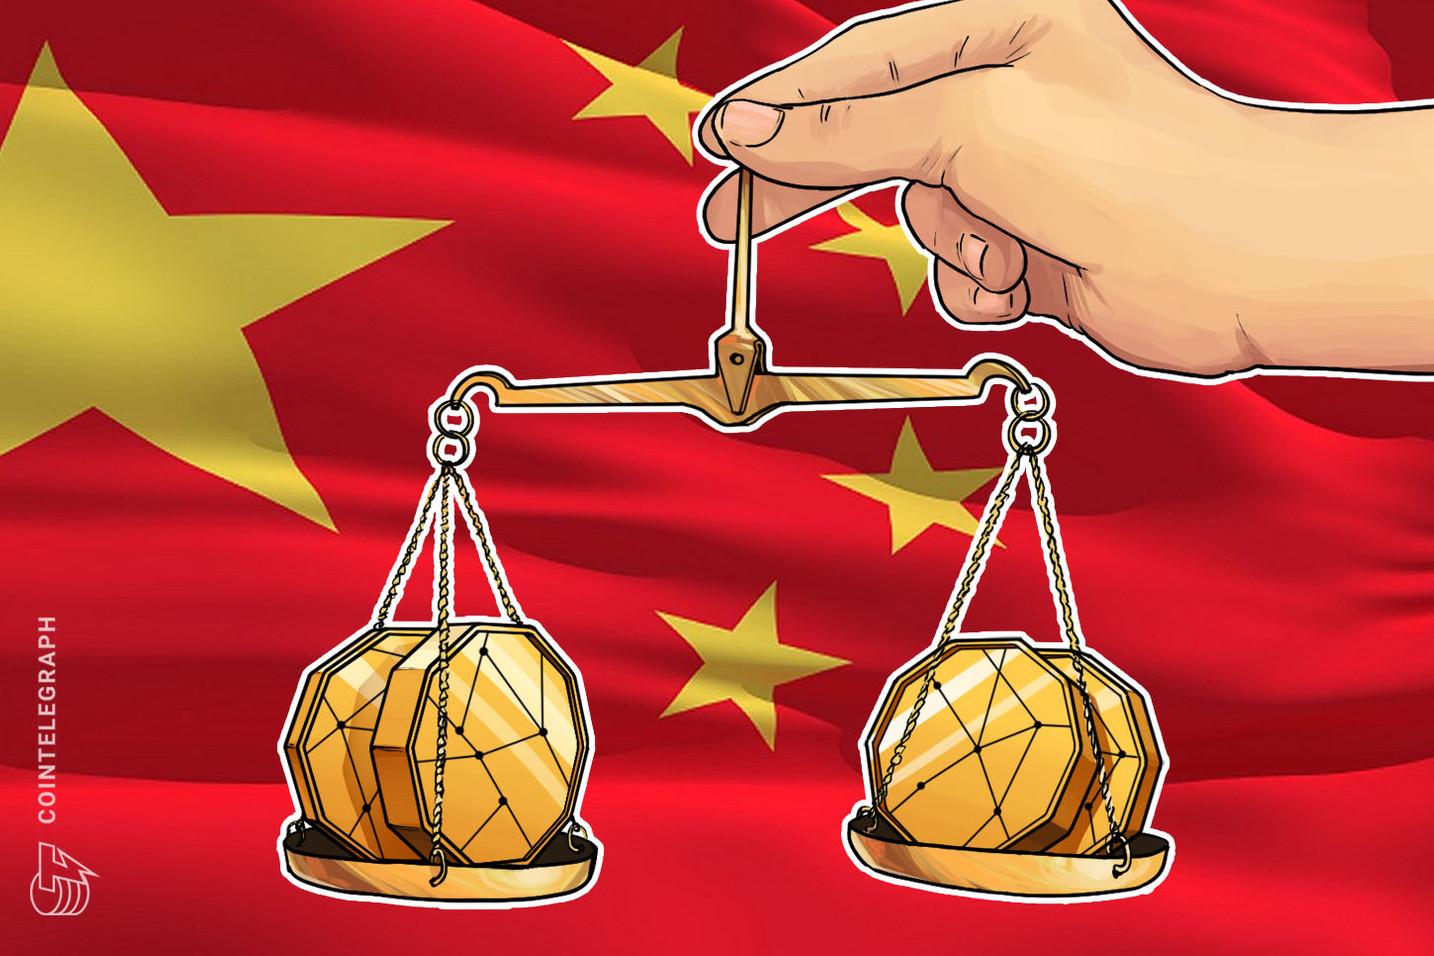 中国の仮想通貨格付け最新版公表:EOSはトップを維持、イーサリアムは2位、ビットコインは15位、リップルは20位